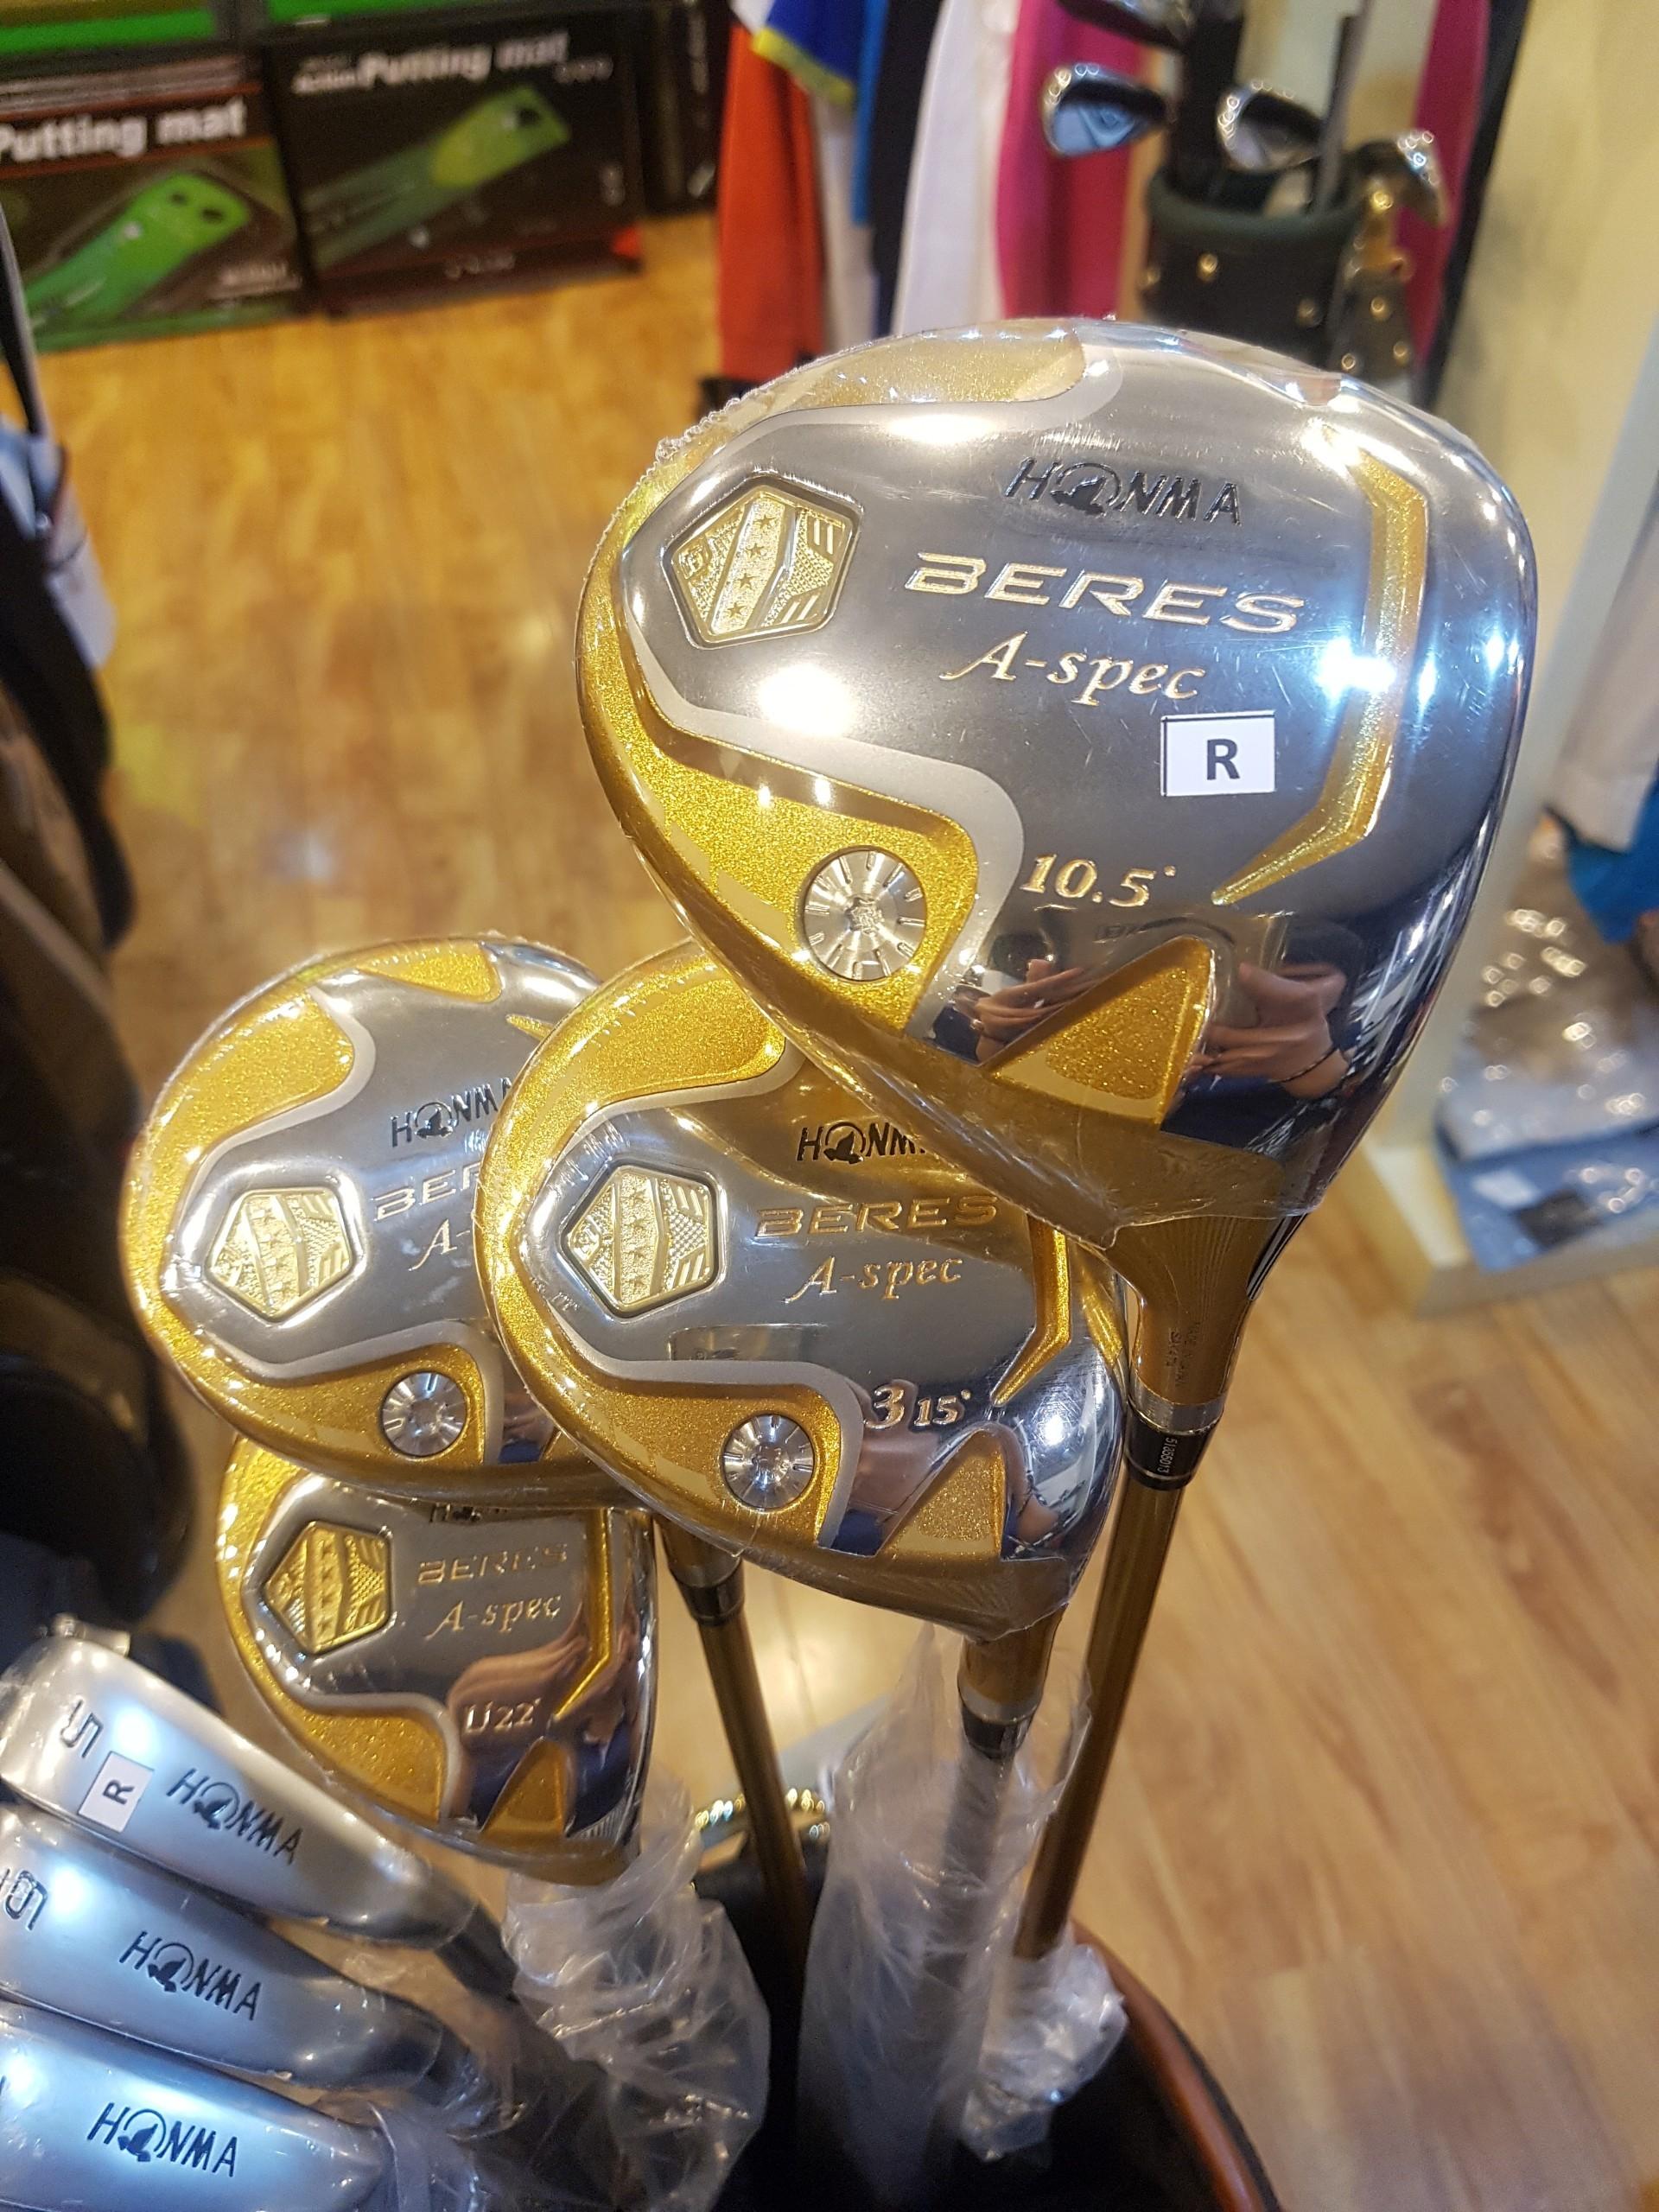 5 bộ gậy golf cực sang dành cho giới thượng lưu, loại đắt nhất giá gần 400 triệu đồng, hơn cả mức lương cả năm của người khác - Ảnh 4.